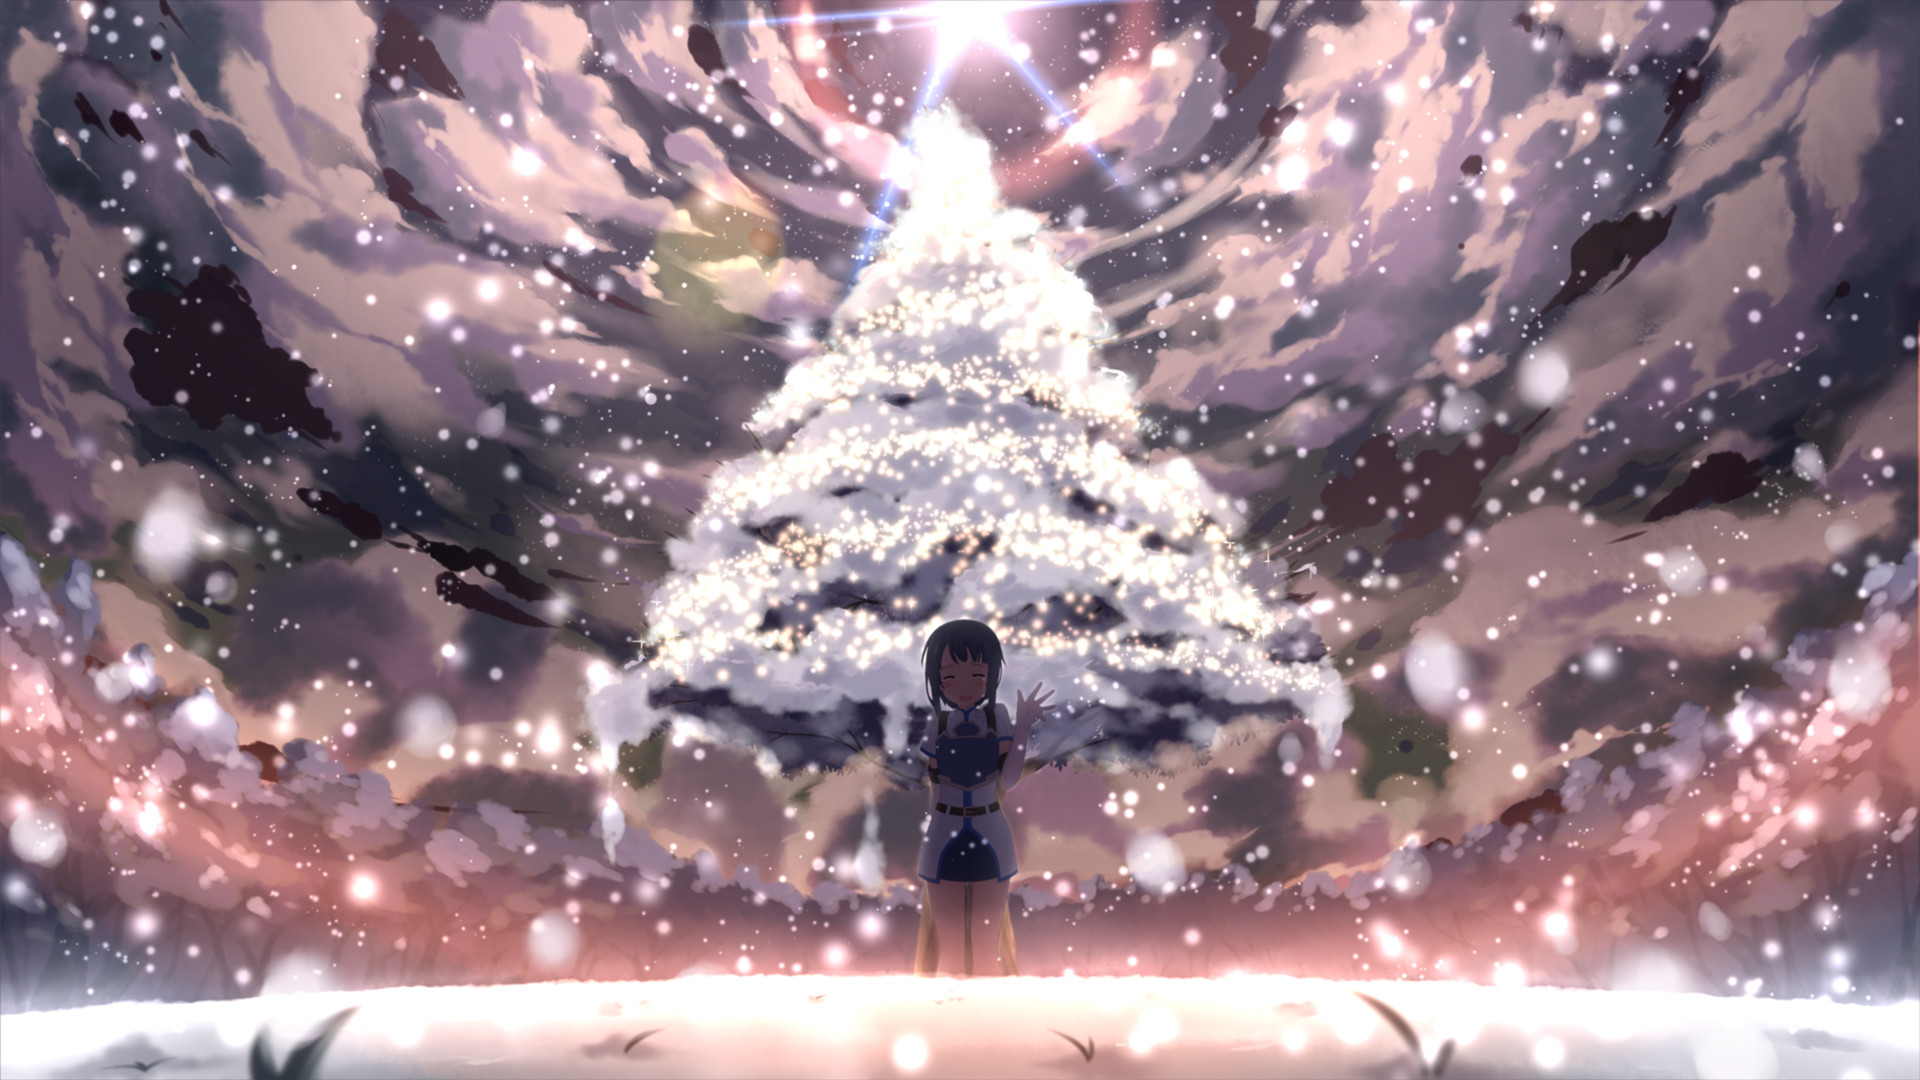 … download Sachi (Sword Art Online) image